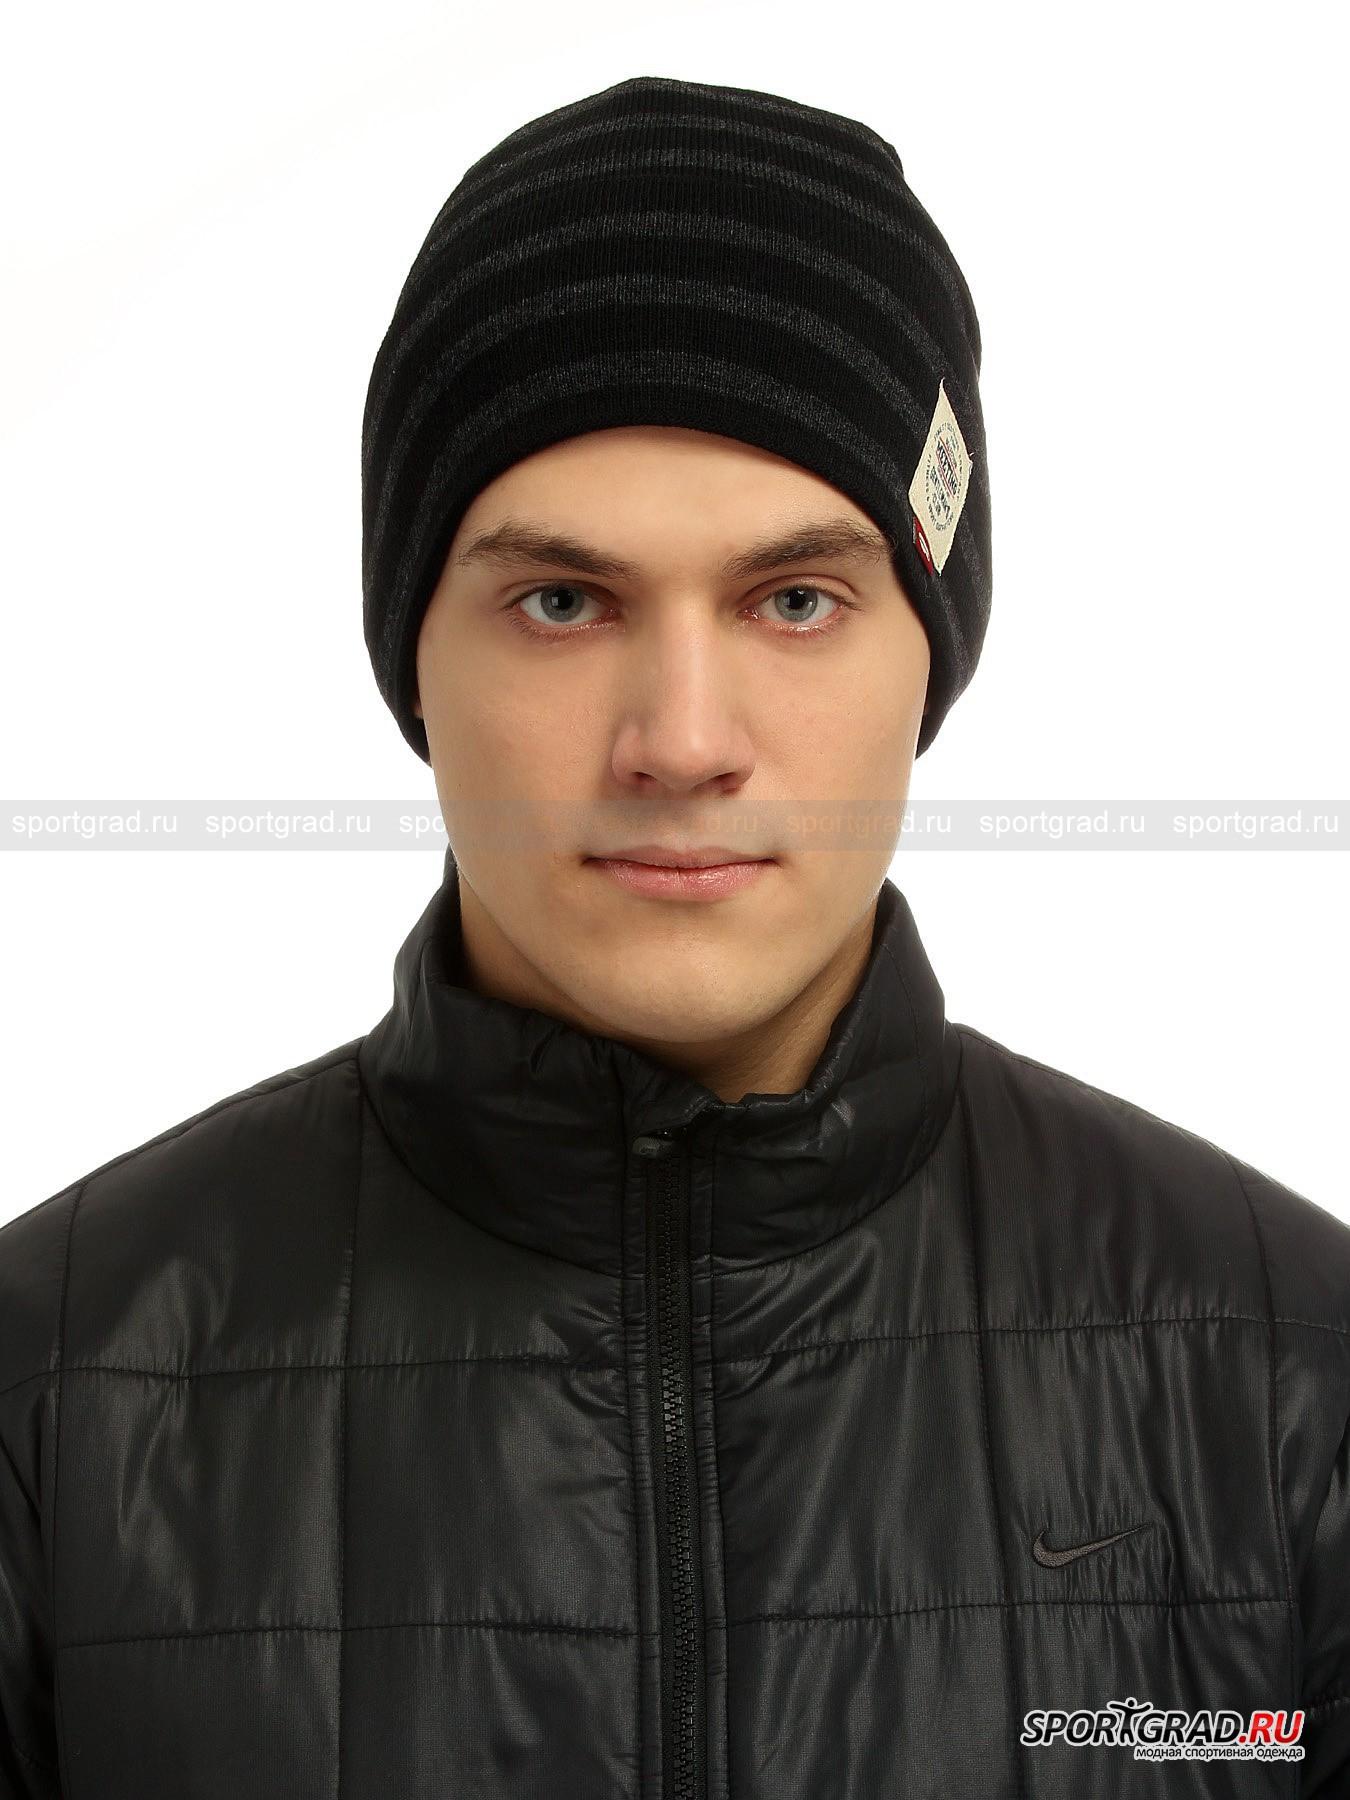 Шапка мужcкая Wool Beanie MEETING от Спортград